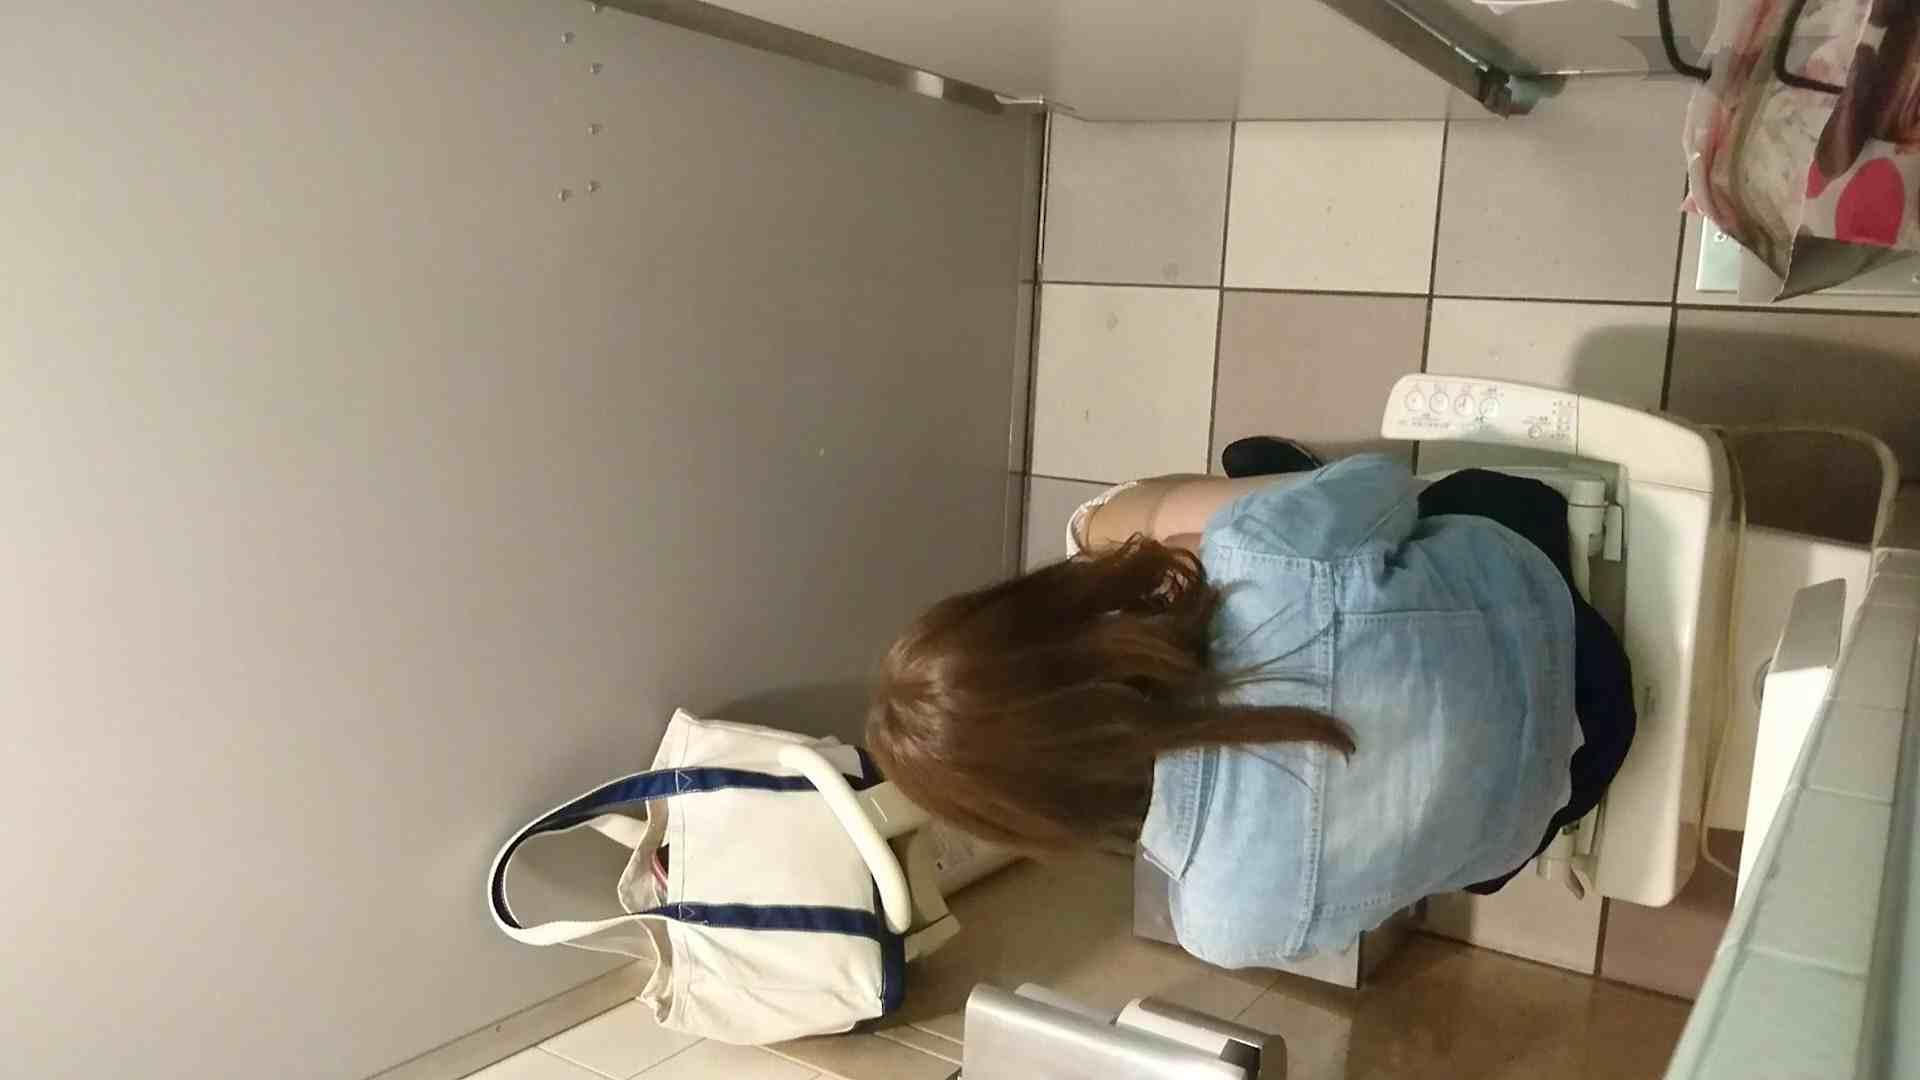 化粧室絵巻 ショッピングモール編 VOL.16 0  94pic 72